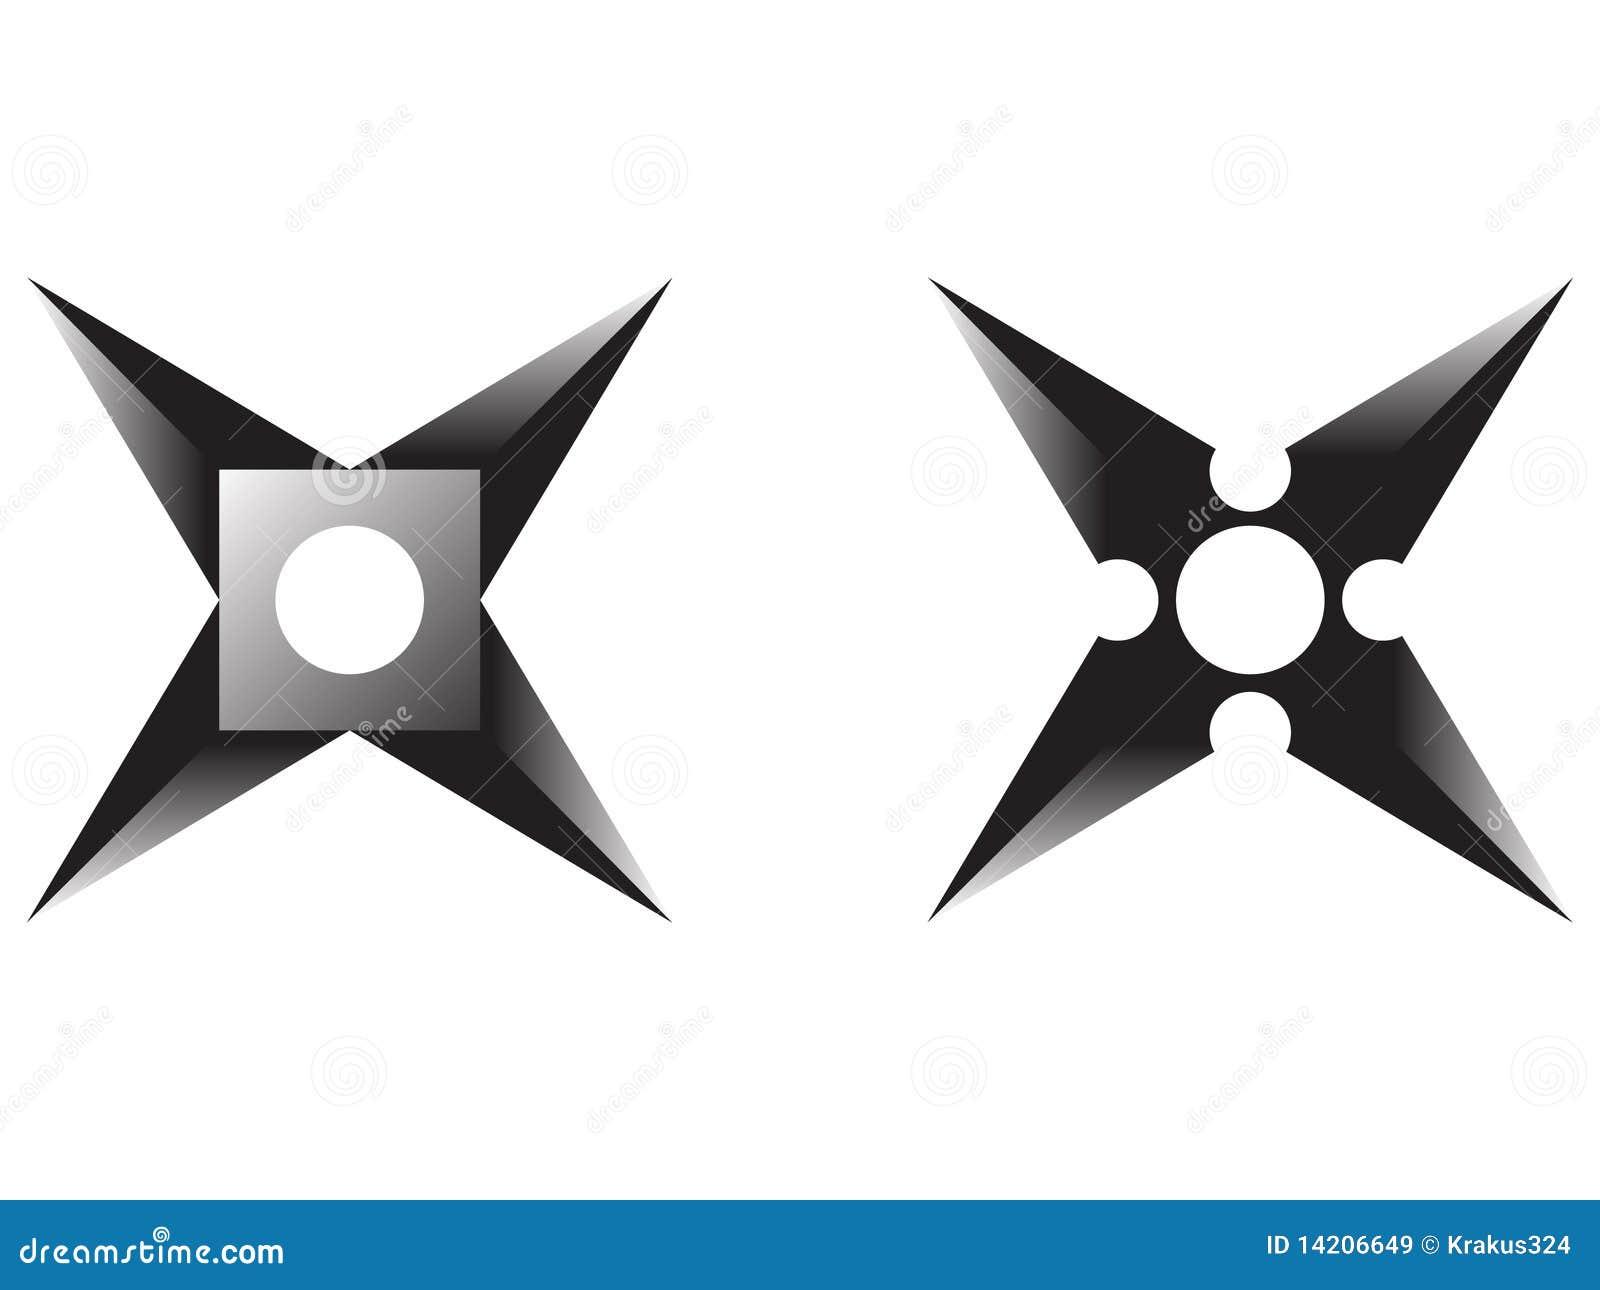 ninja star royalty free stock images image 14206649. Black Bedroom Furniture Sets. Home Design Ideas